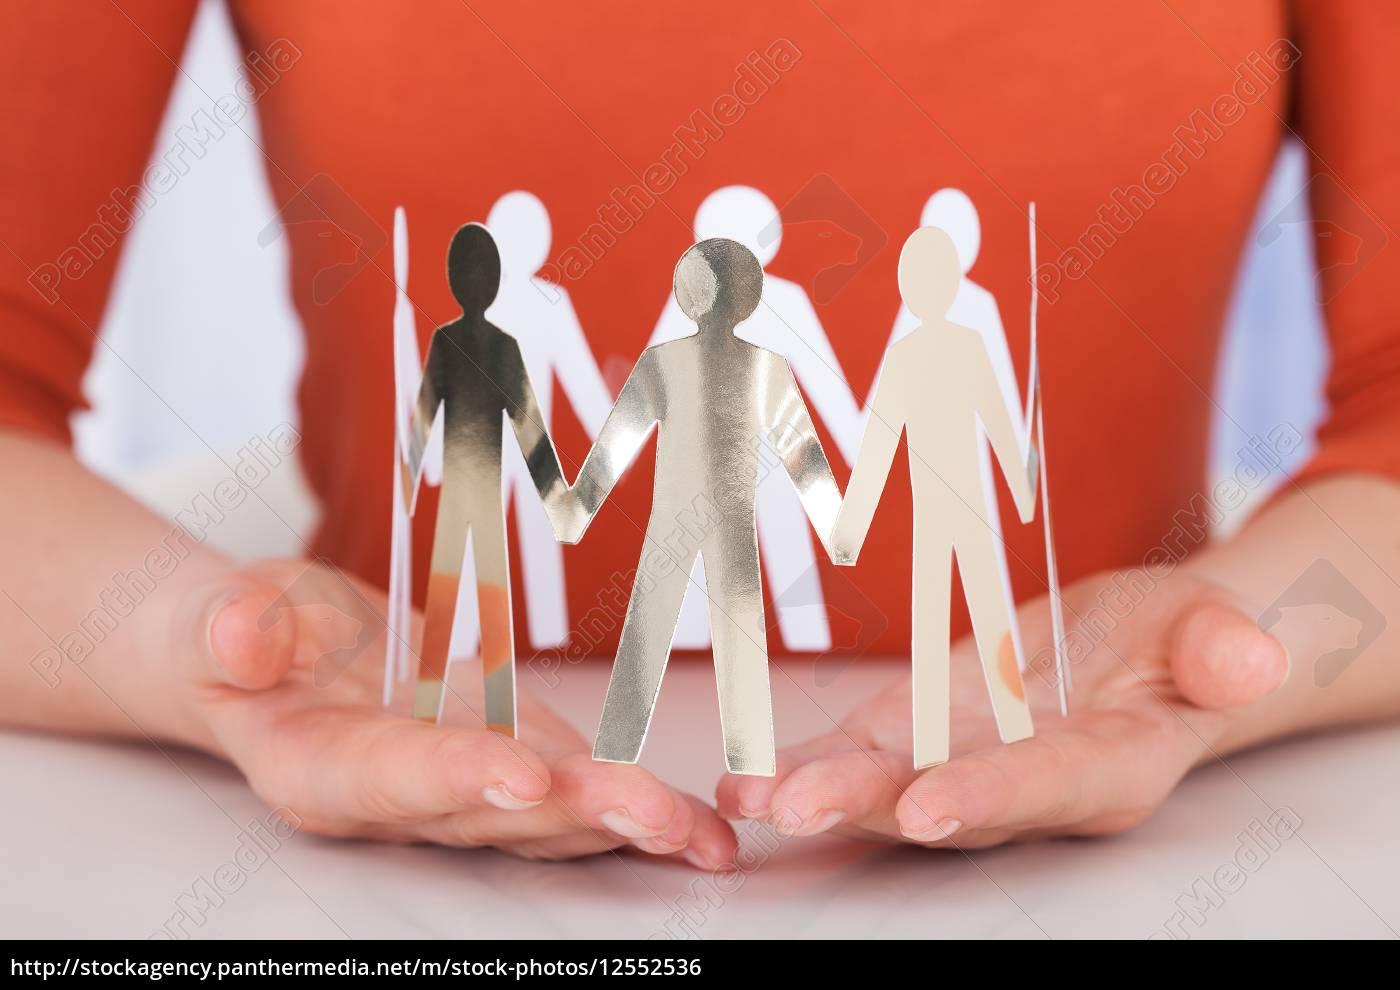 gente, di, holding, team, of, della - 12552536